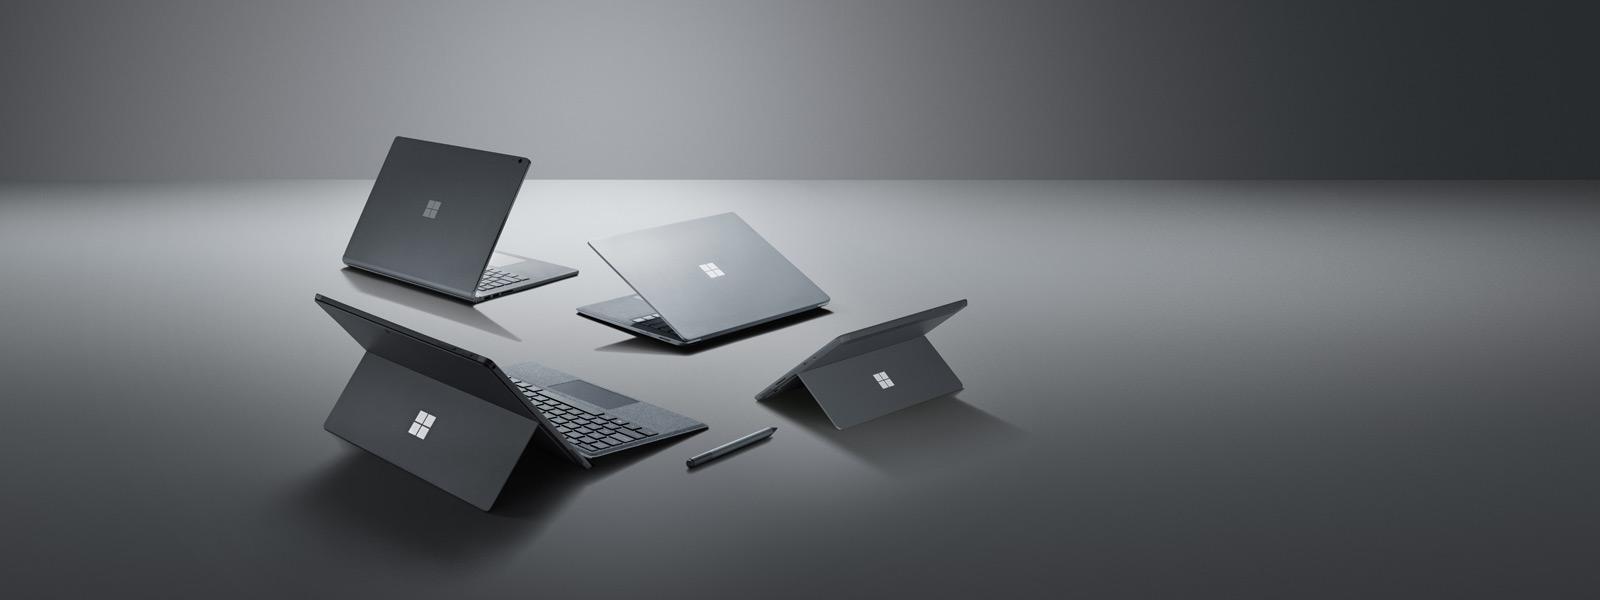 Surface シリーズのコンピューターと Surface ペン